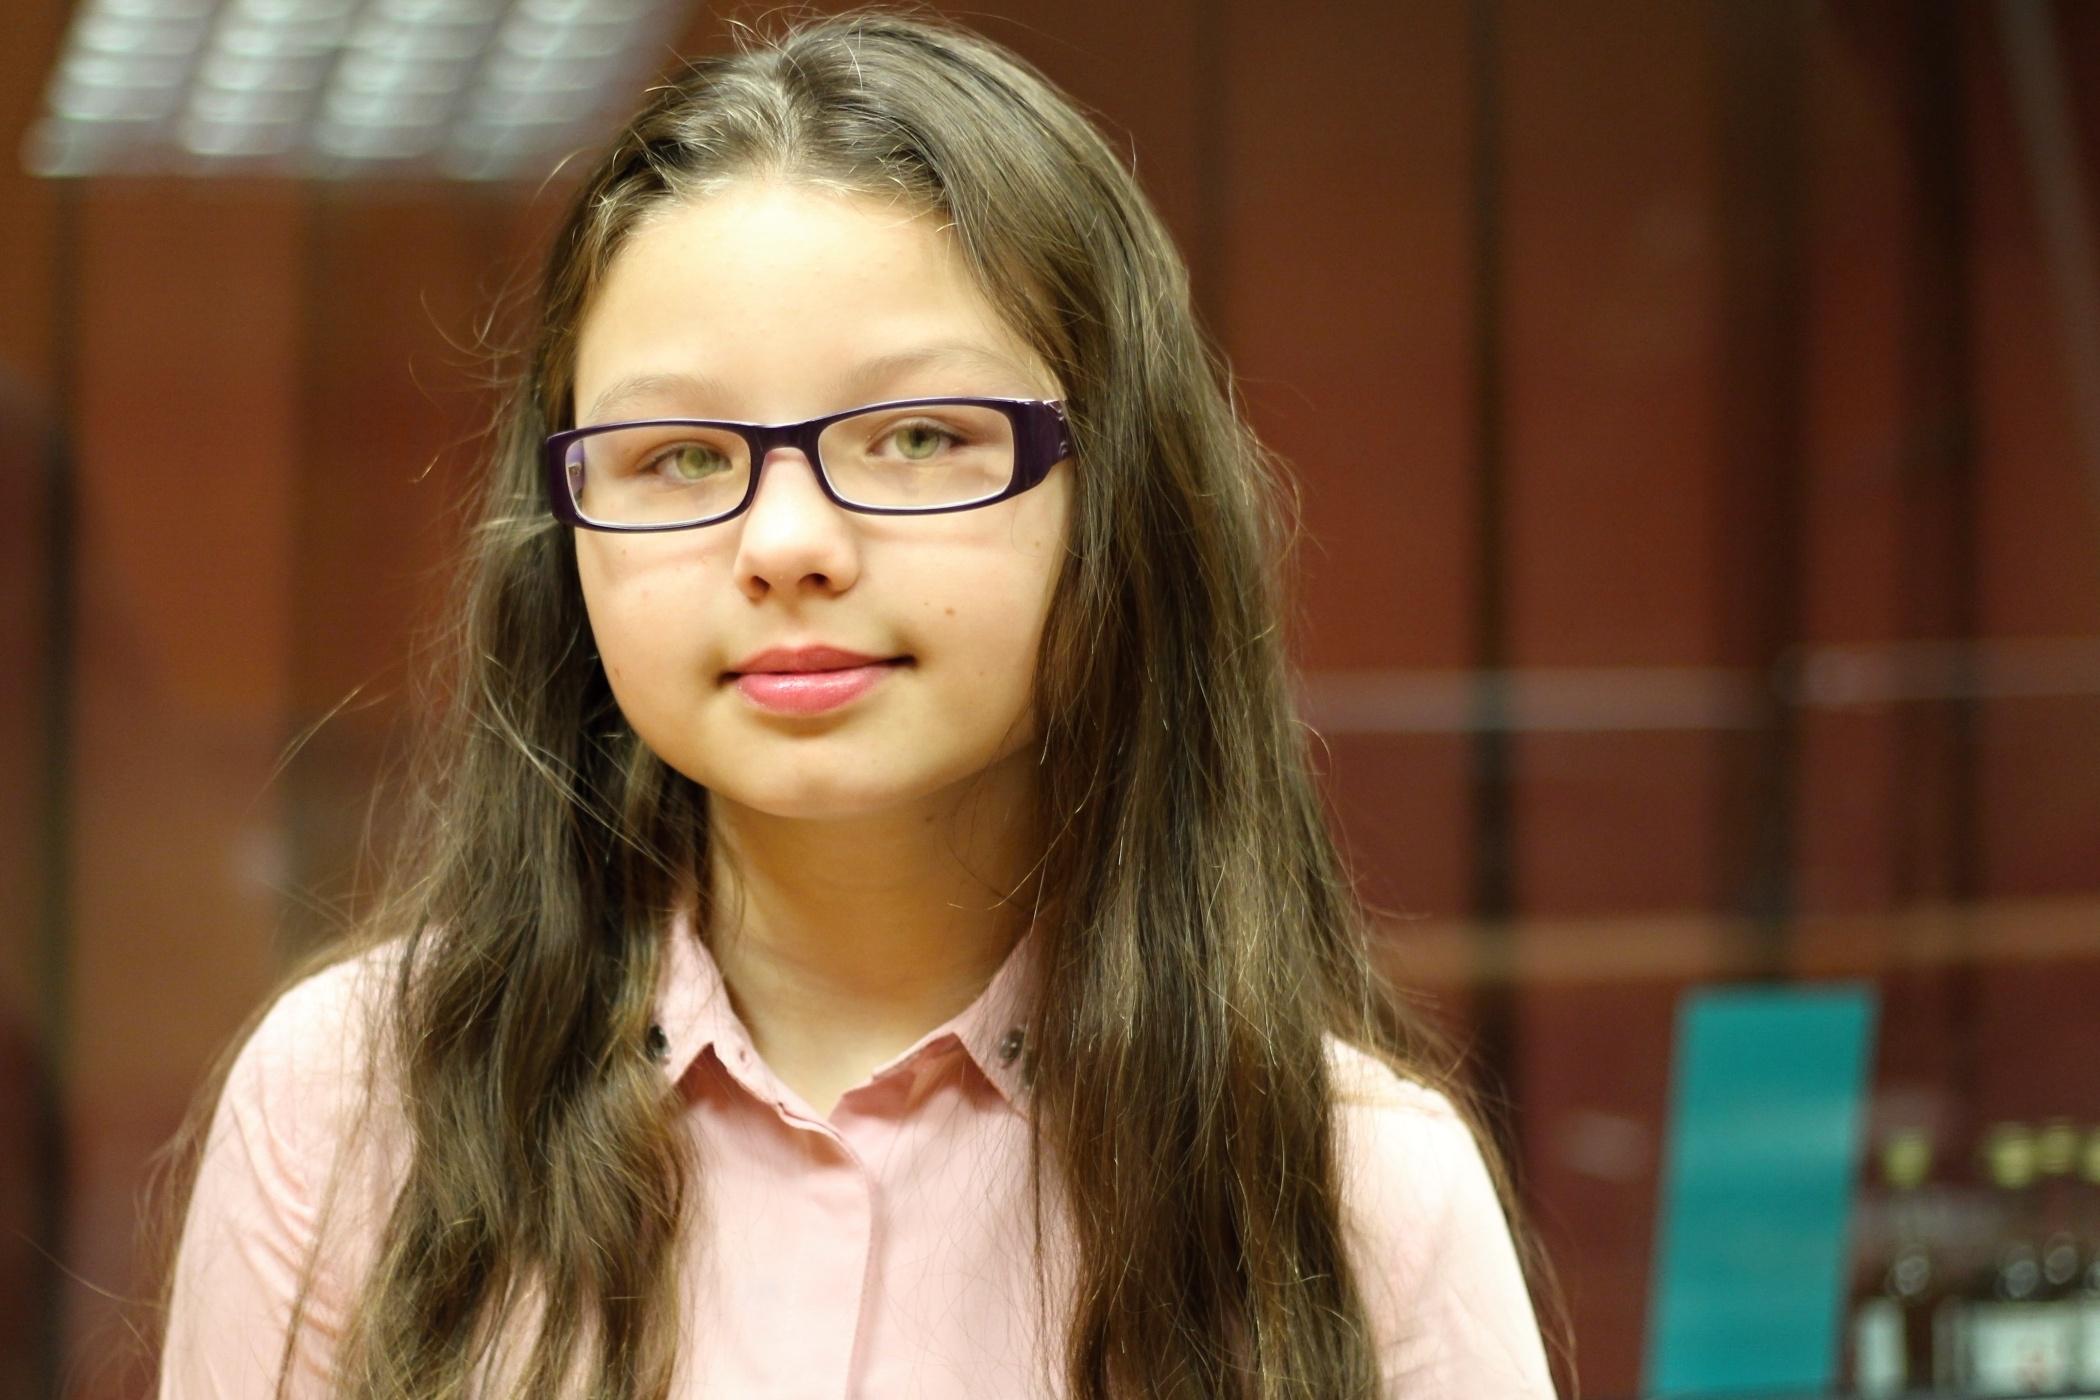 Evelína, dívka původem z Moldávie